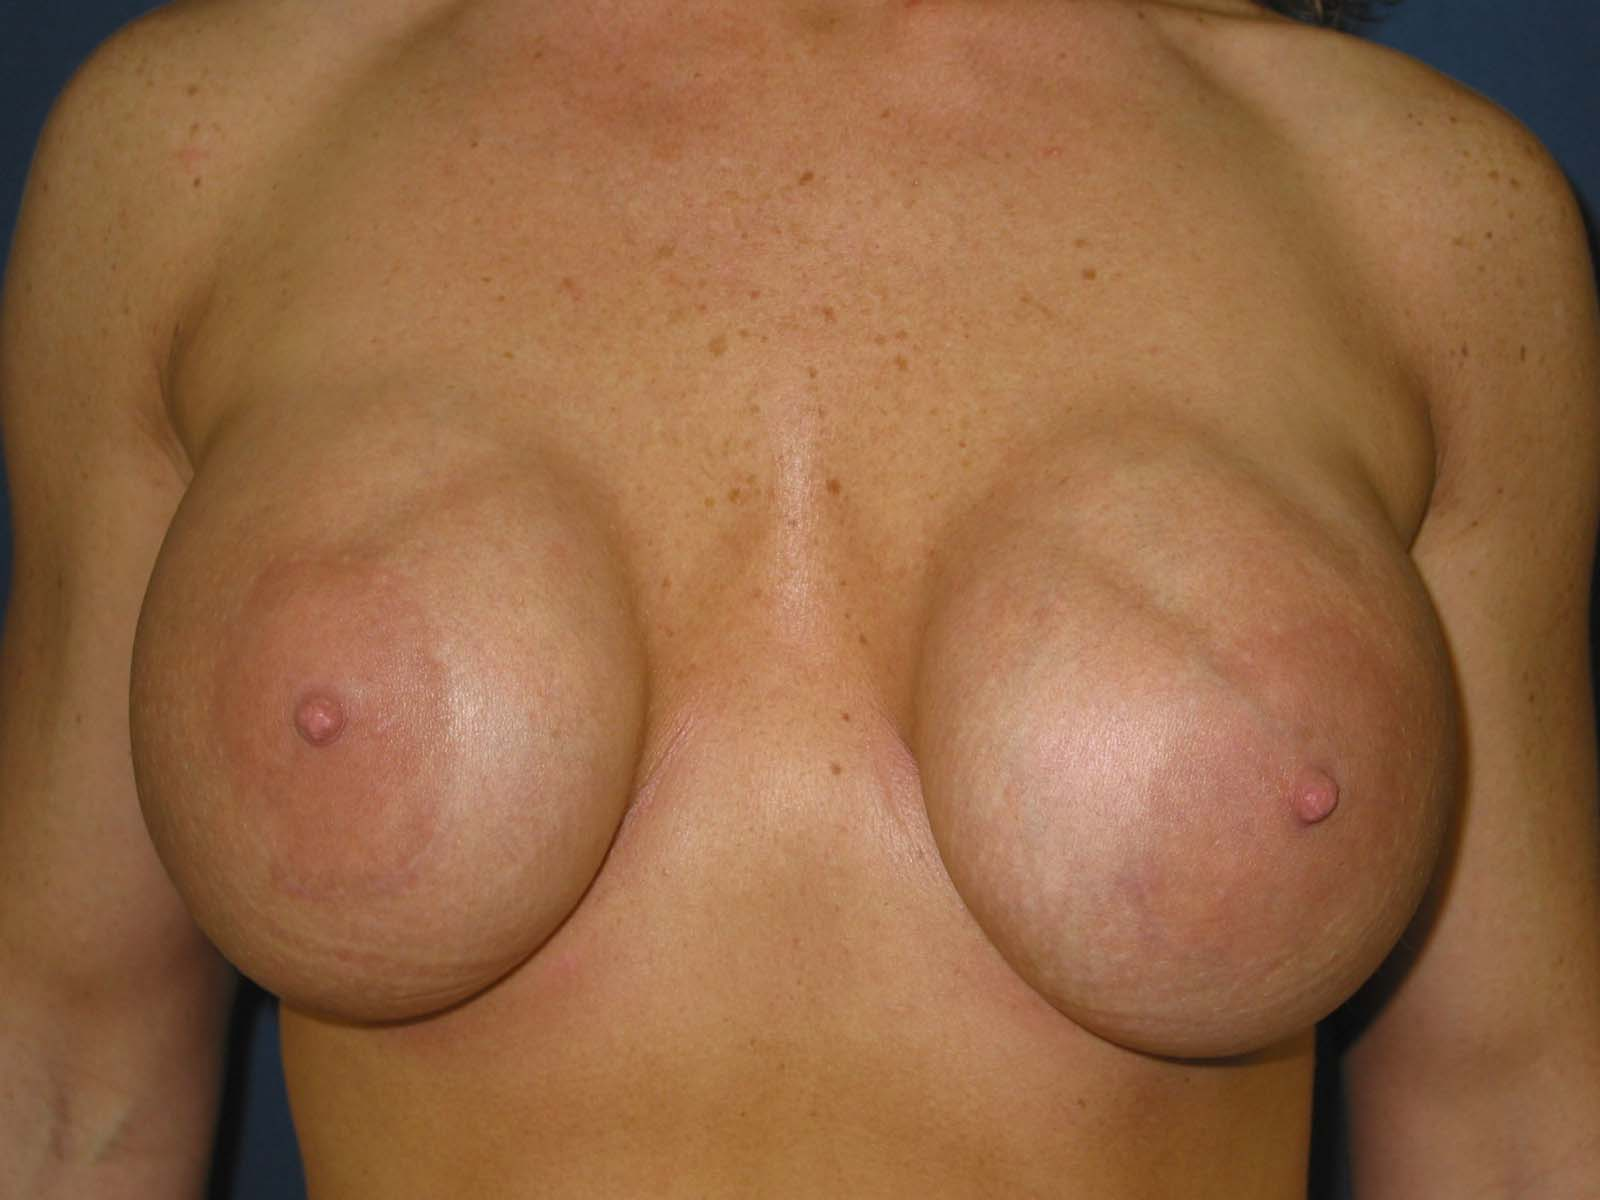 что такое эндопротезы для груди